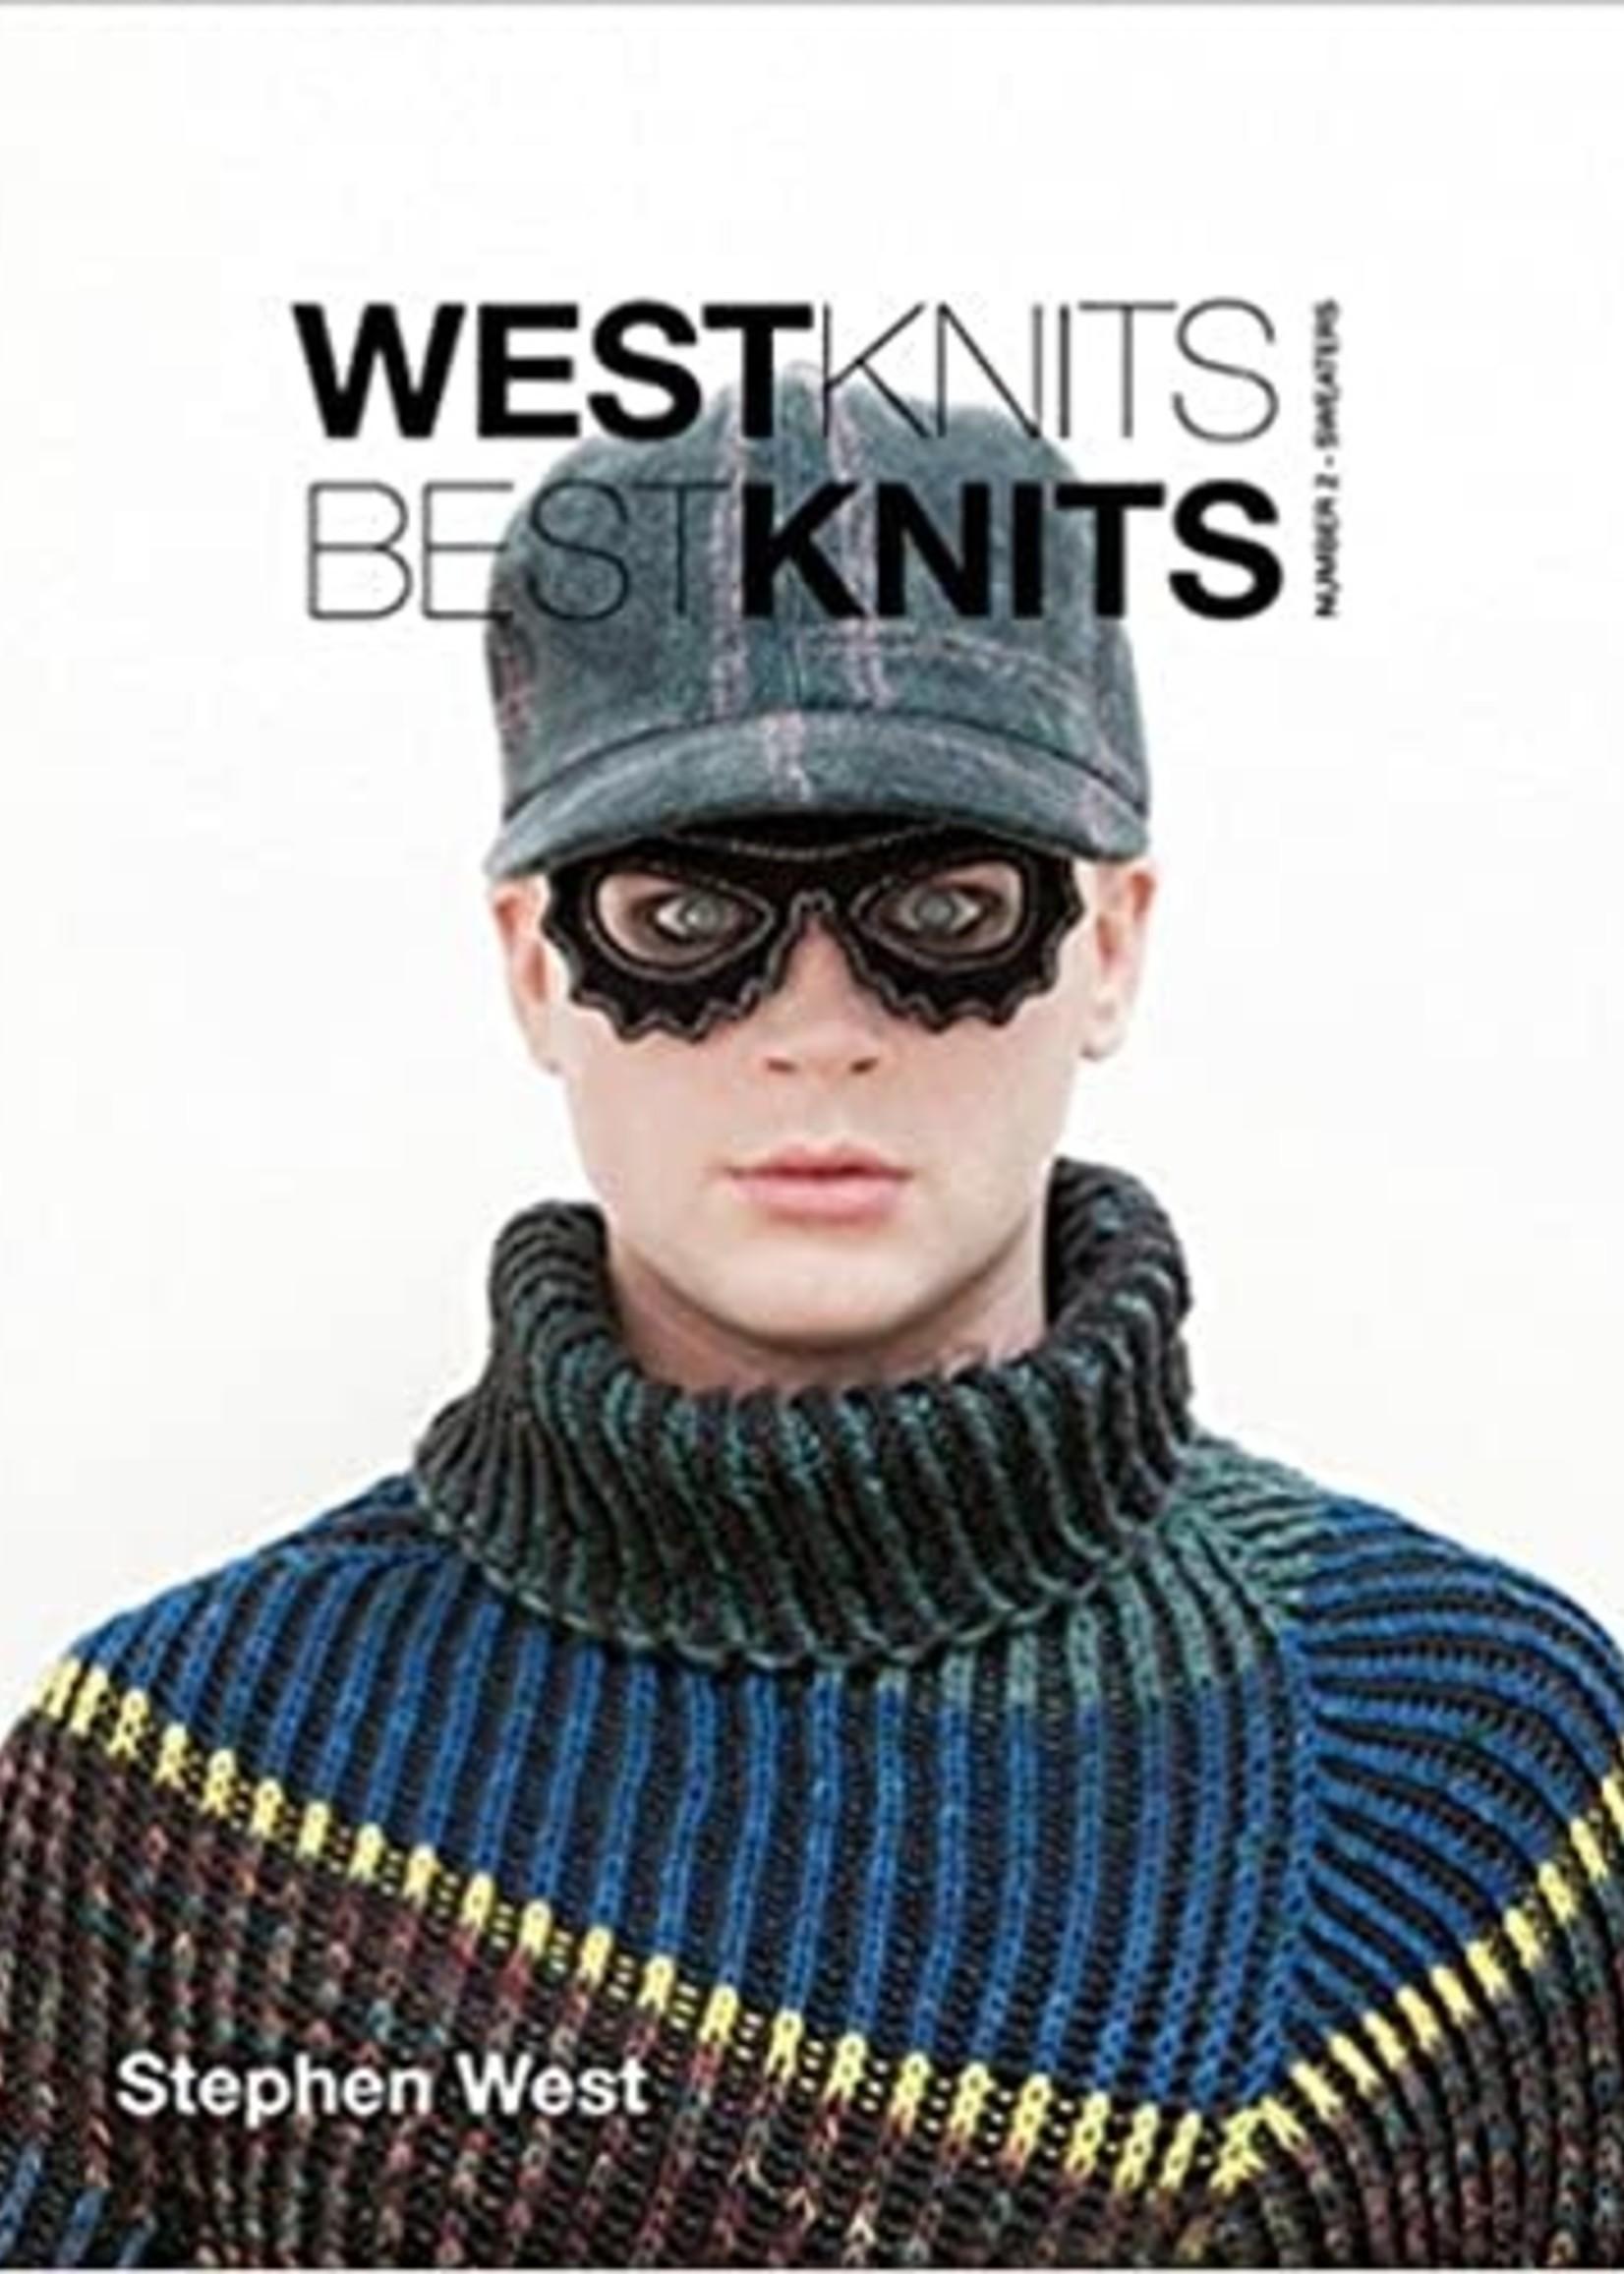 Westknits Bestknits Book 2 by Stephen West